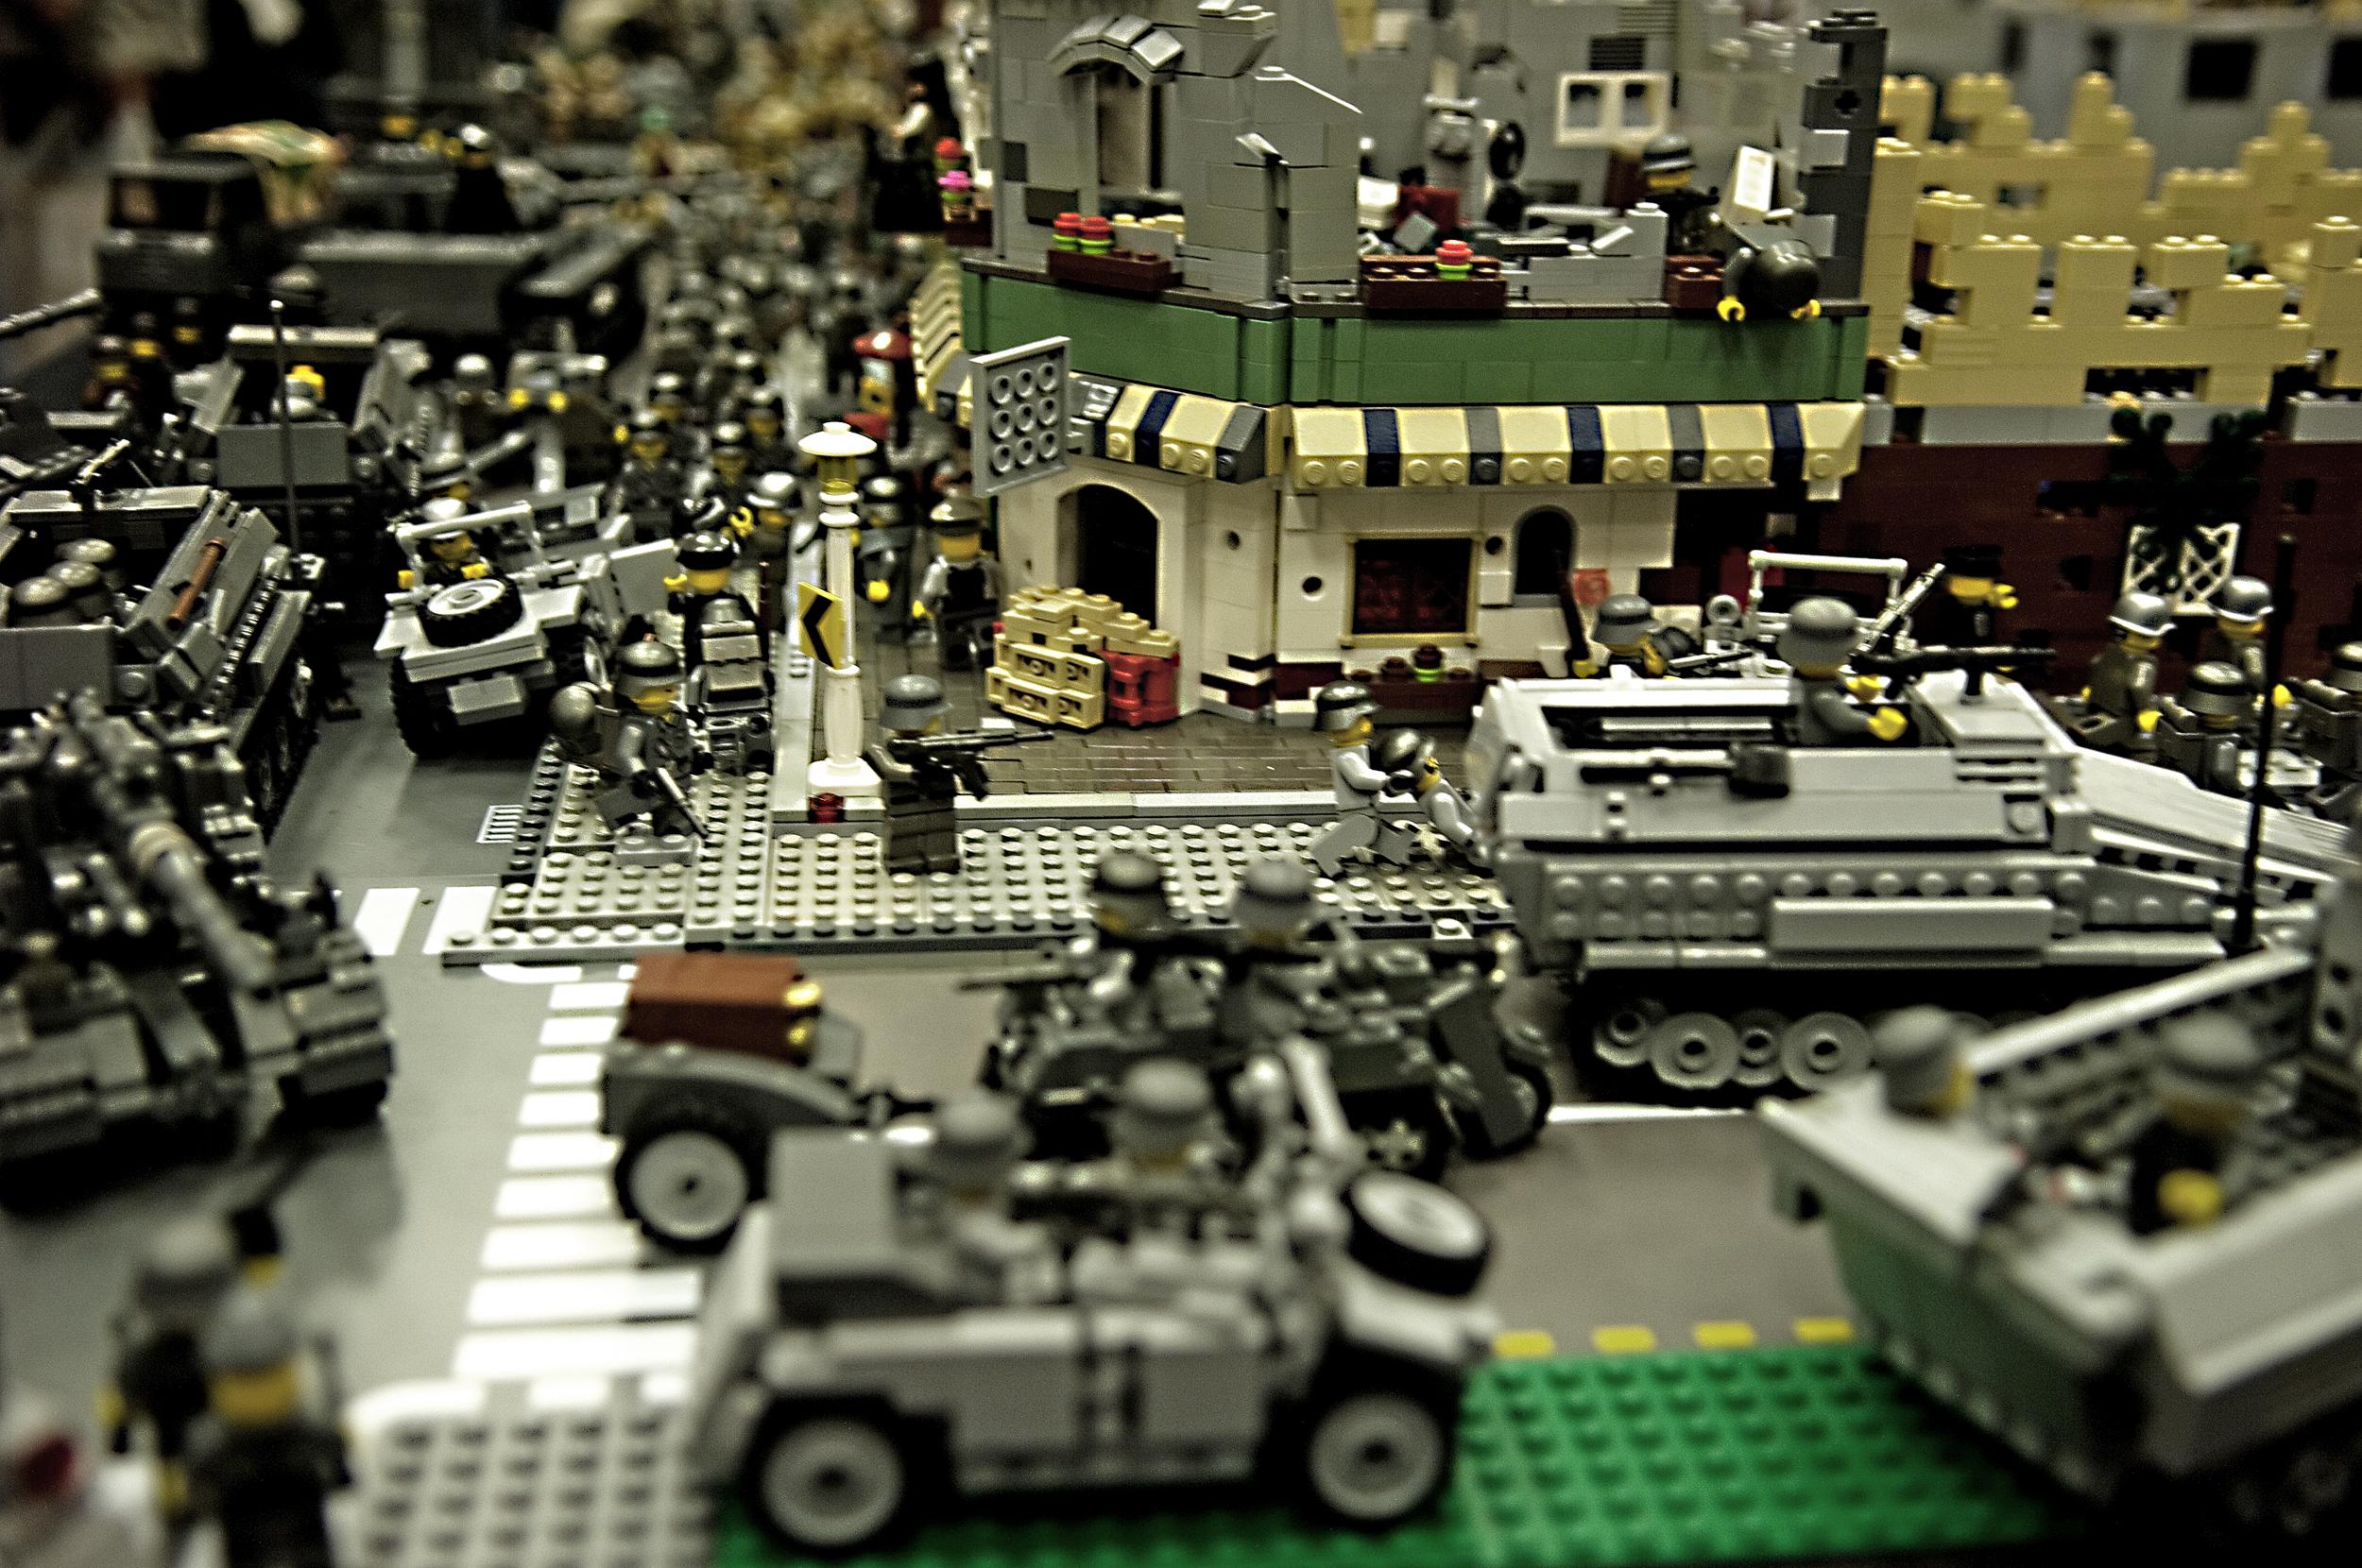 приезжают смотреть картинки военной базы экспозицию нейтральному тону